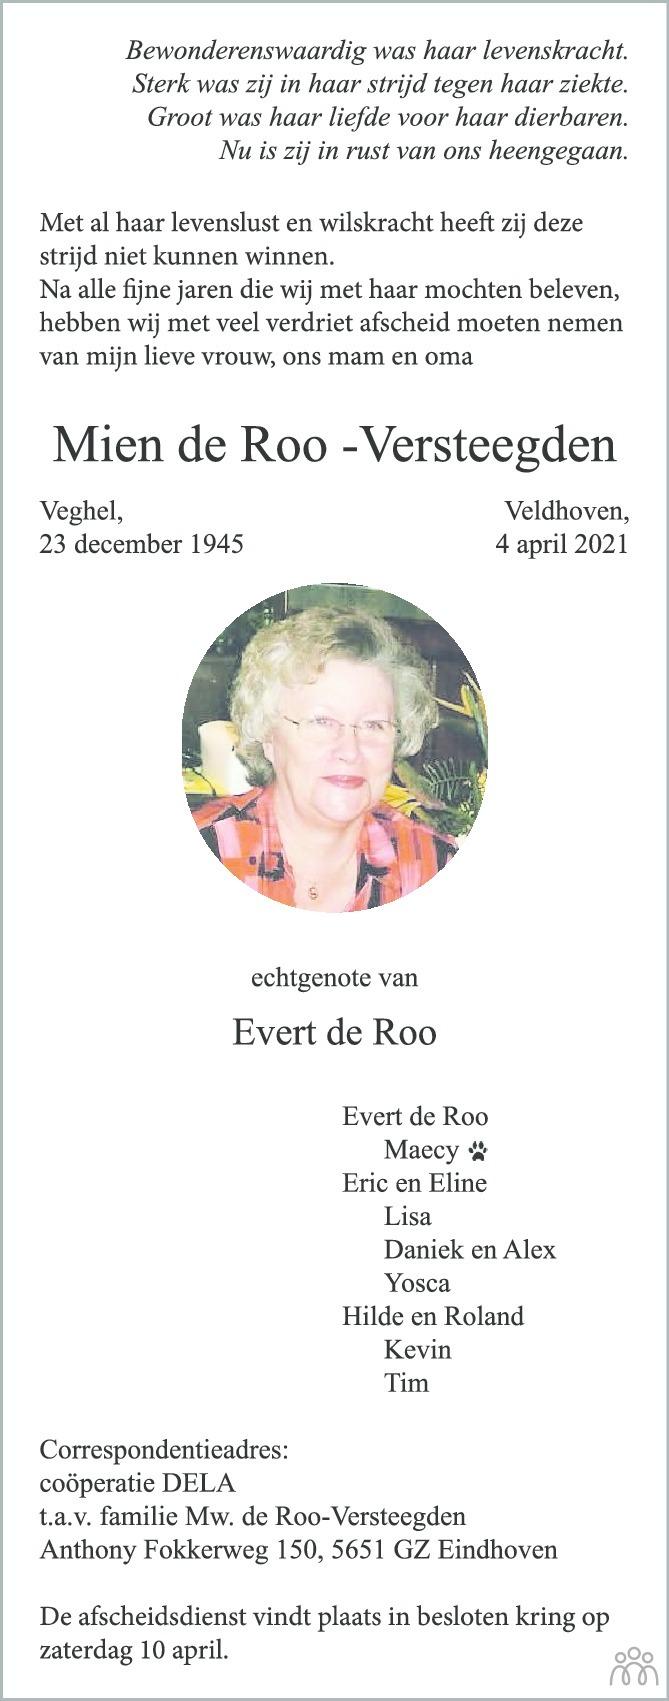 Overlijdensbericht van Mien de Roo-Versteegden in Eindhovens Dagblad